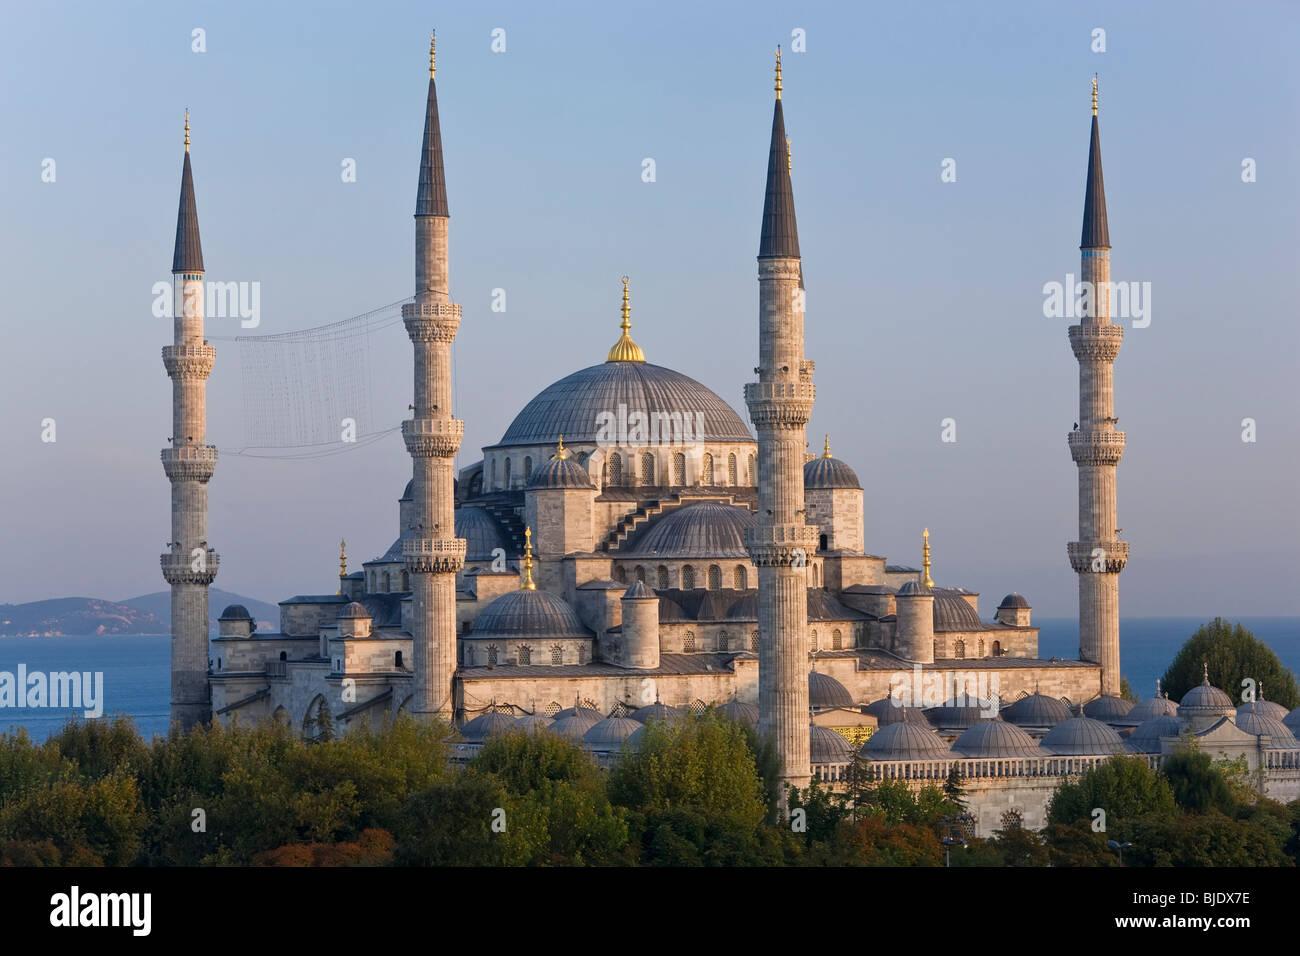 La Moschea Blu, Sultan Ahmet Mosque 1609-1616, quartiere di Sultanahmet, Istanbul, Turchia Foto Stock